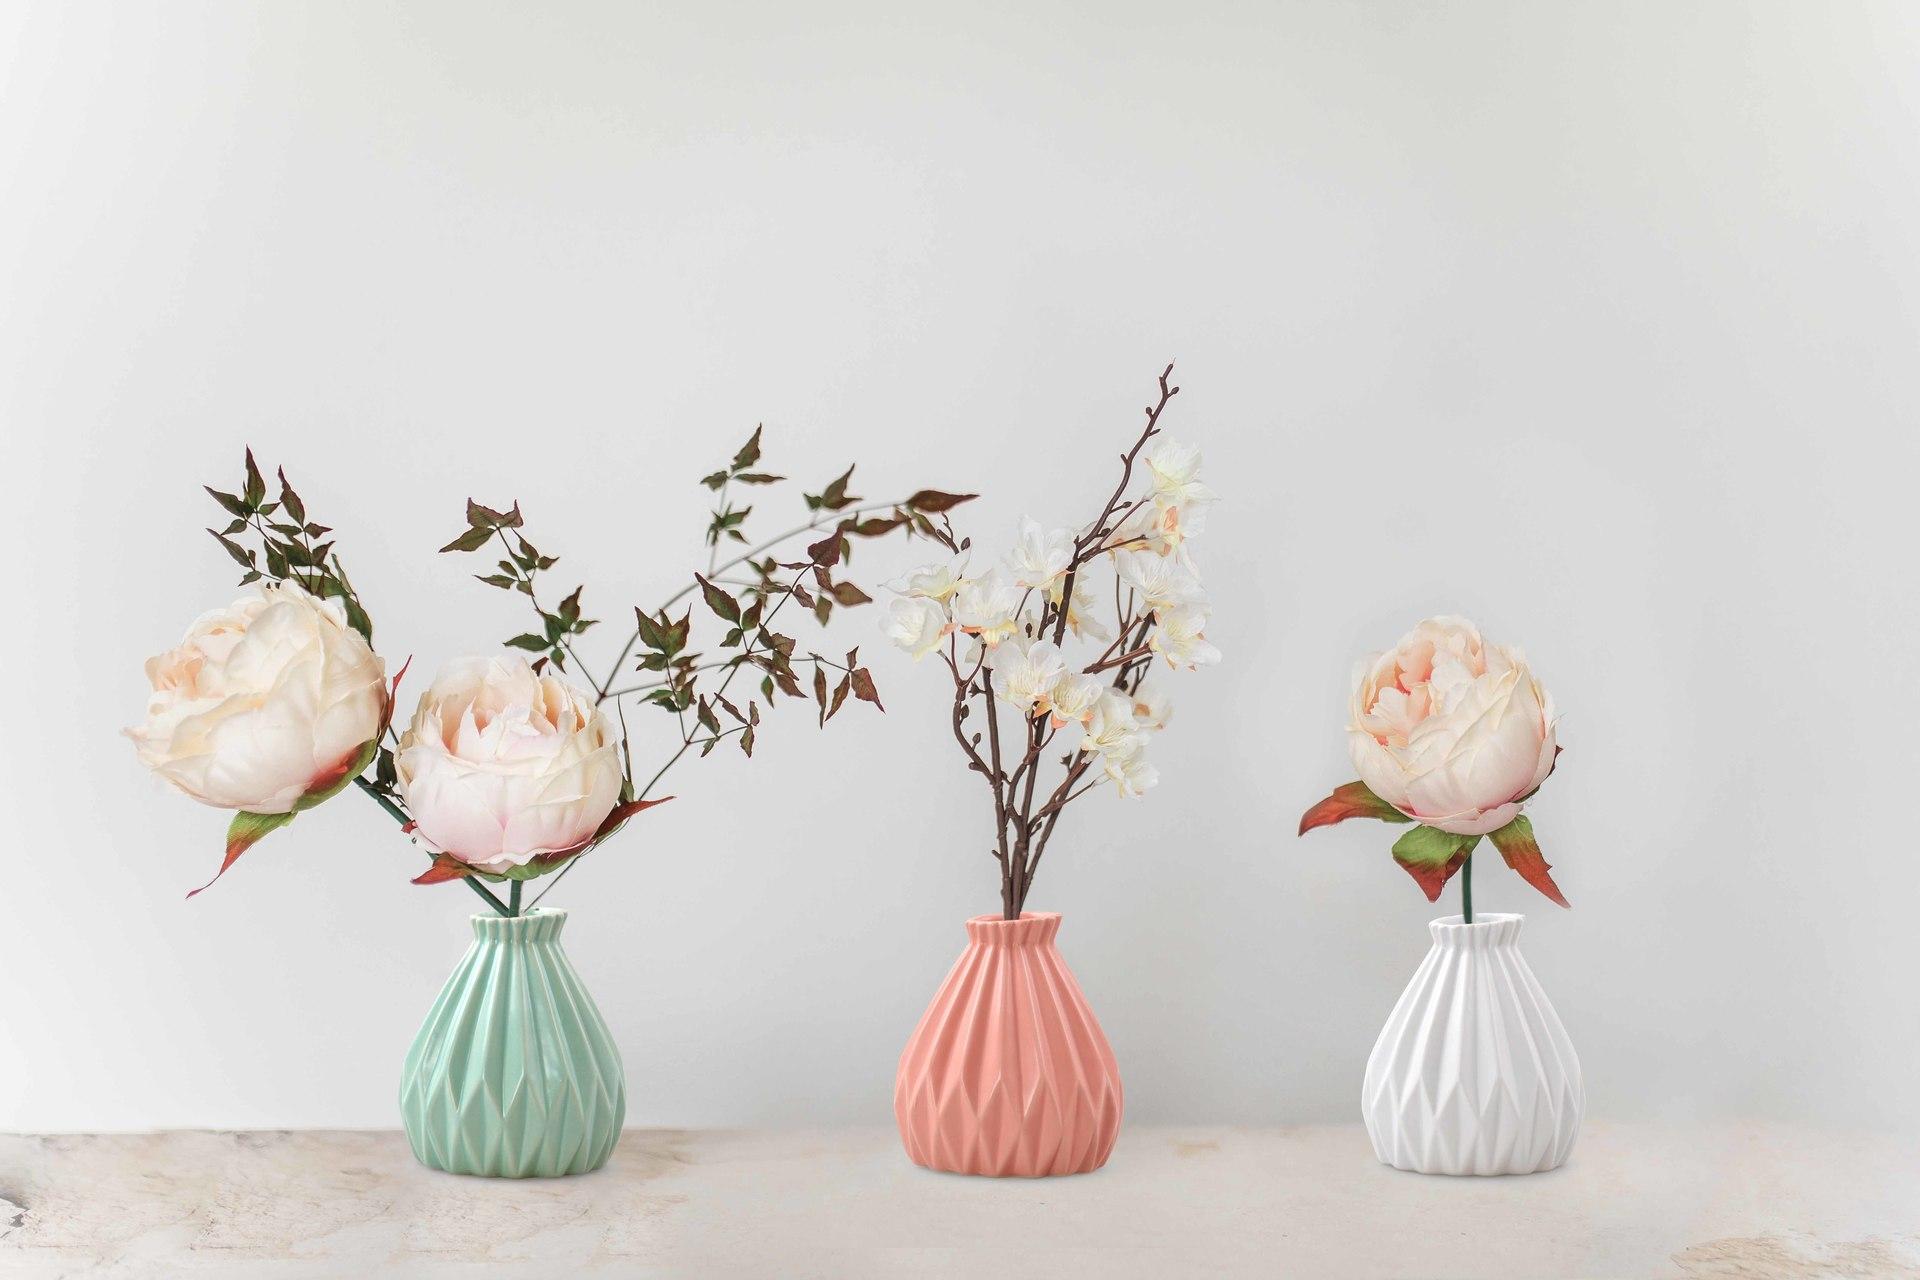 Dekorativní váza, keramická reliéfní